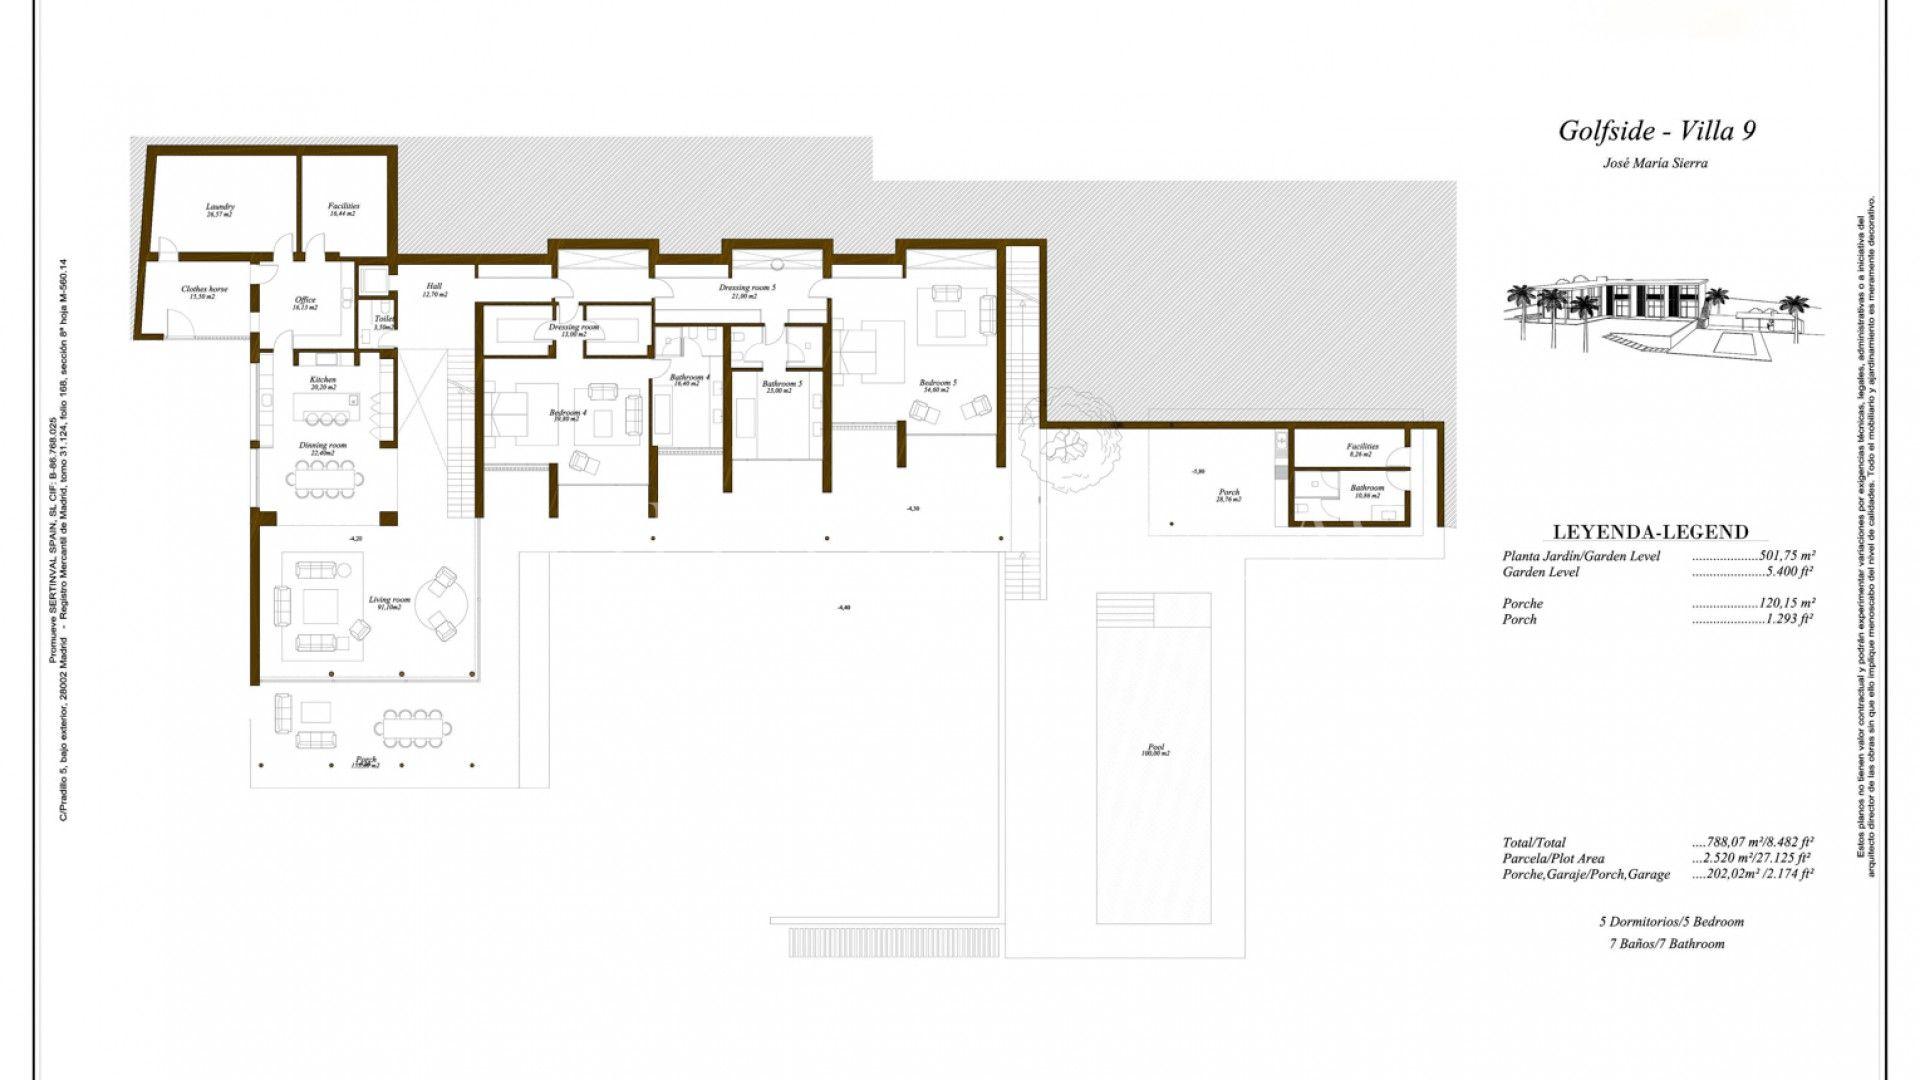 Villa te koop in Casares. Prachtige eigentijdse villa in Finca Cortesin, Casares, Andalusië. De luxe villa wordt gebouwd front line golf met een prachtig zeezicht. Het pand zal op op individueel perceel van 2.520 m² en met een bebouwde oppervlakte van 814 m².De moderne villa heeft 5 lichte......